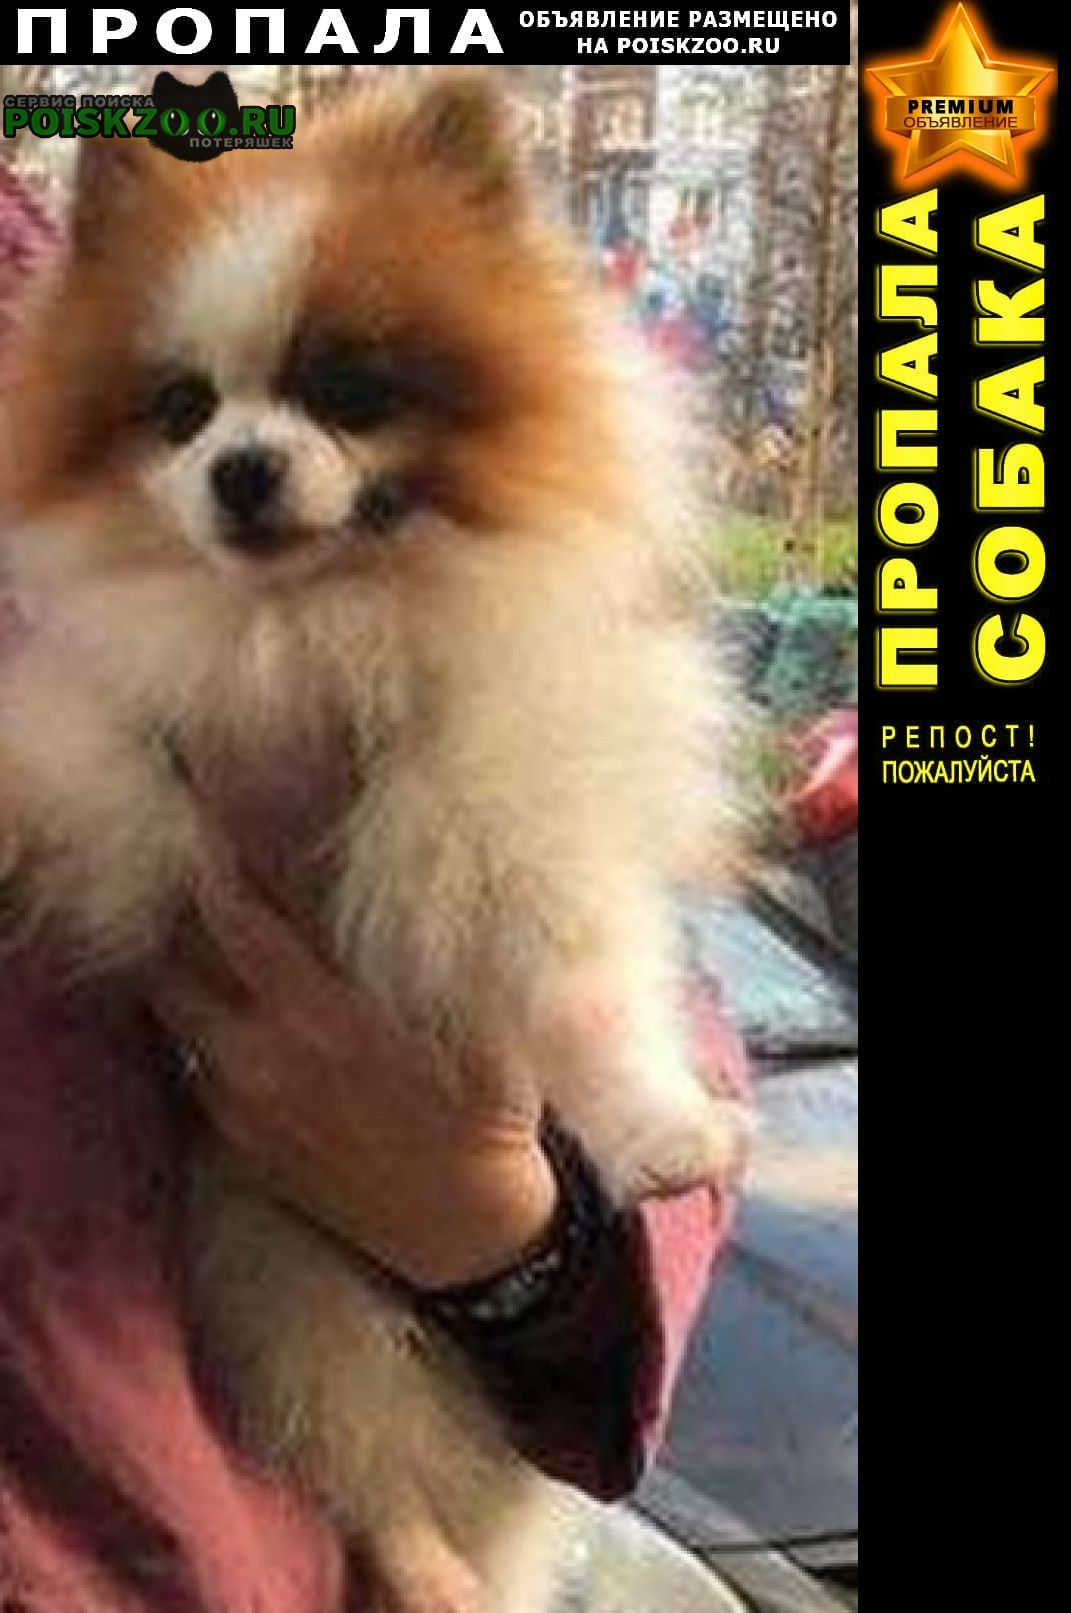 Санкт-Петербург Пропала собака кобель помогите найти, пожалуйста